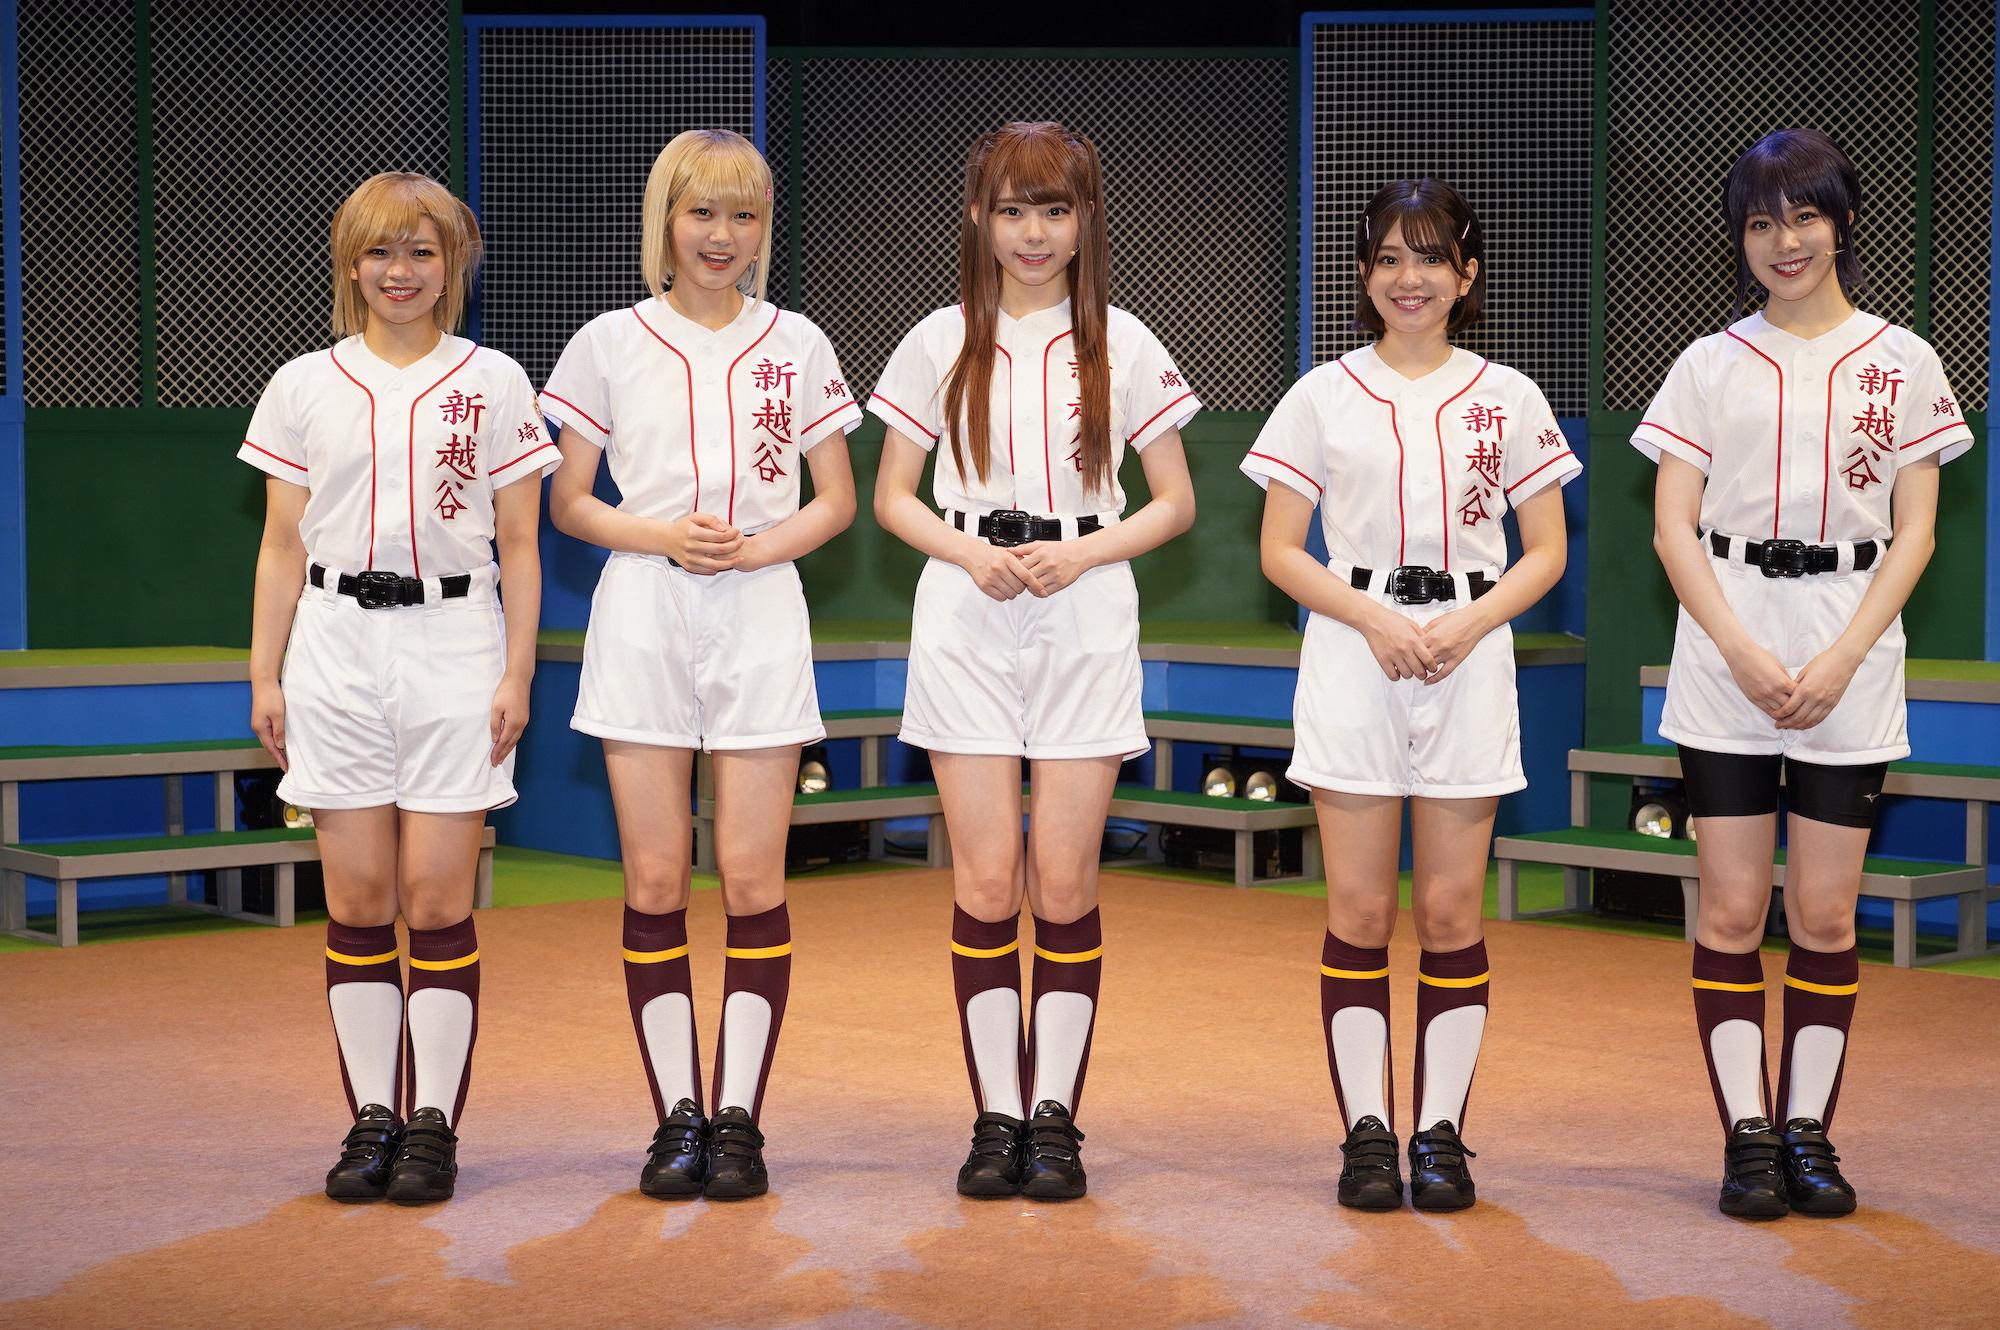 ラストアイドルの大森莉緒、長月翠、小澤愛実、岡村茉奈、間島和奏/舞台『球詠』